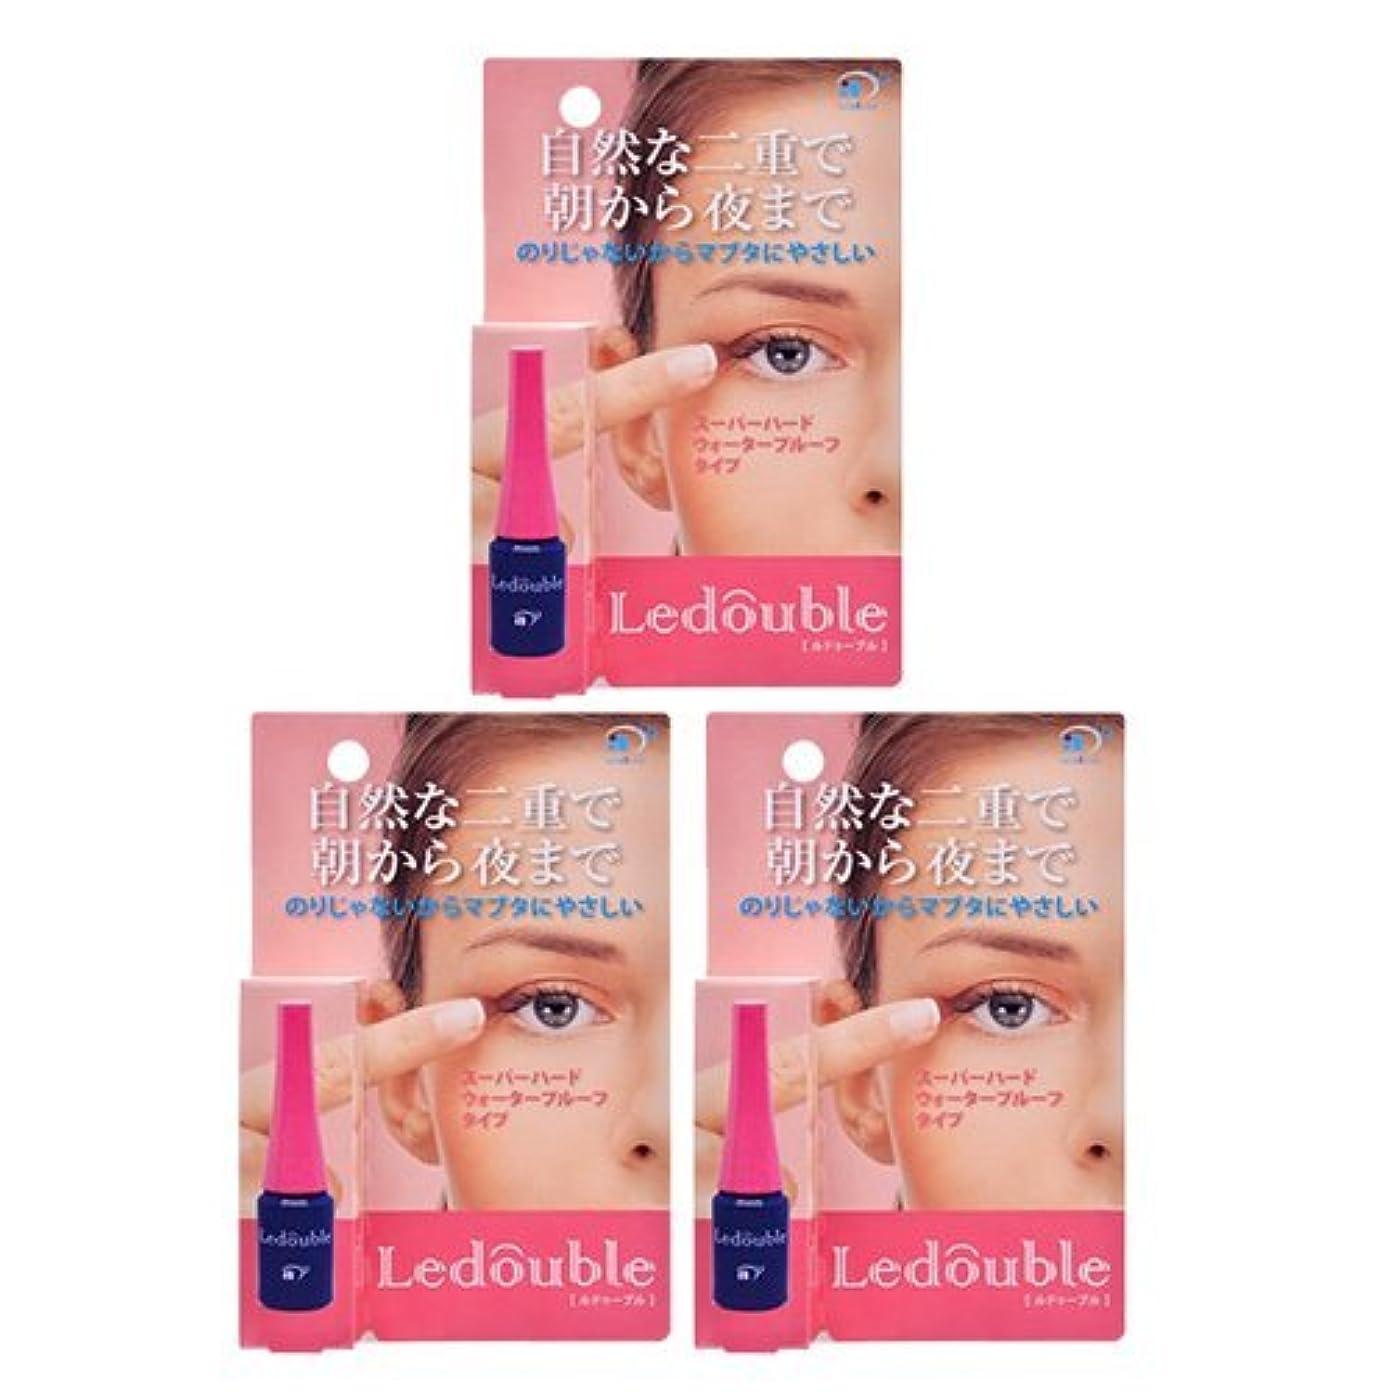 脱獄ベスビオ山有限Ledouble [ルドゥーブル] 二重まぶた化粧品 (2mL)×3個セット